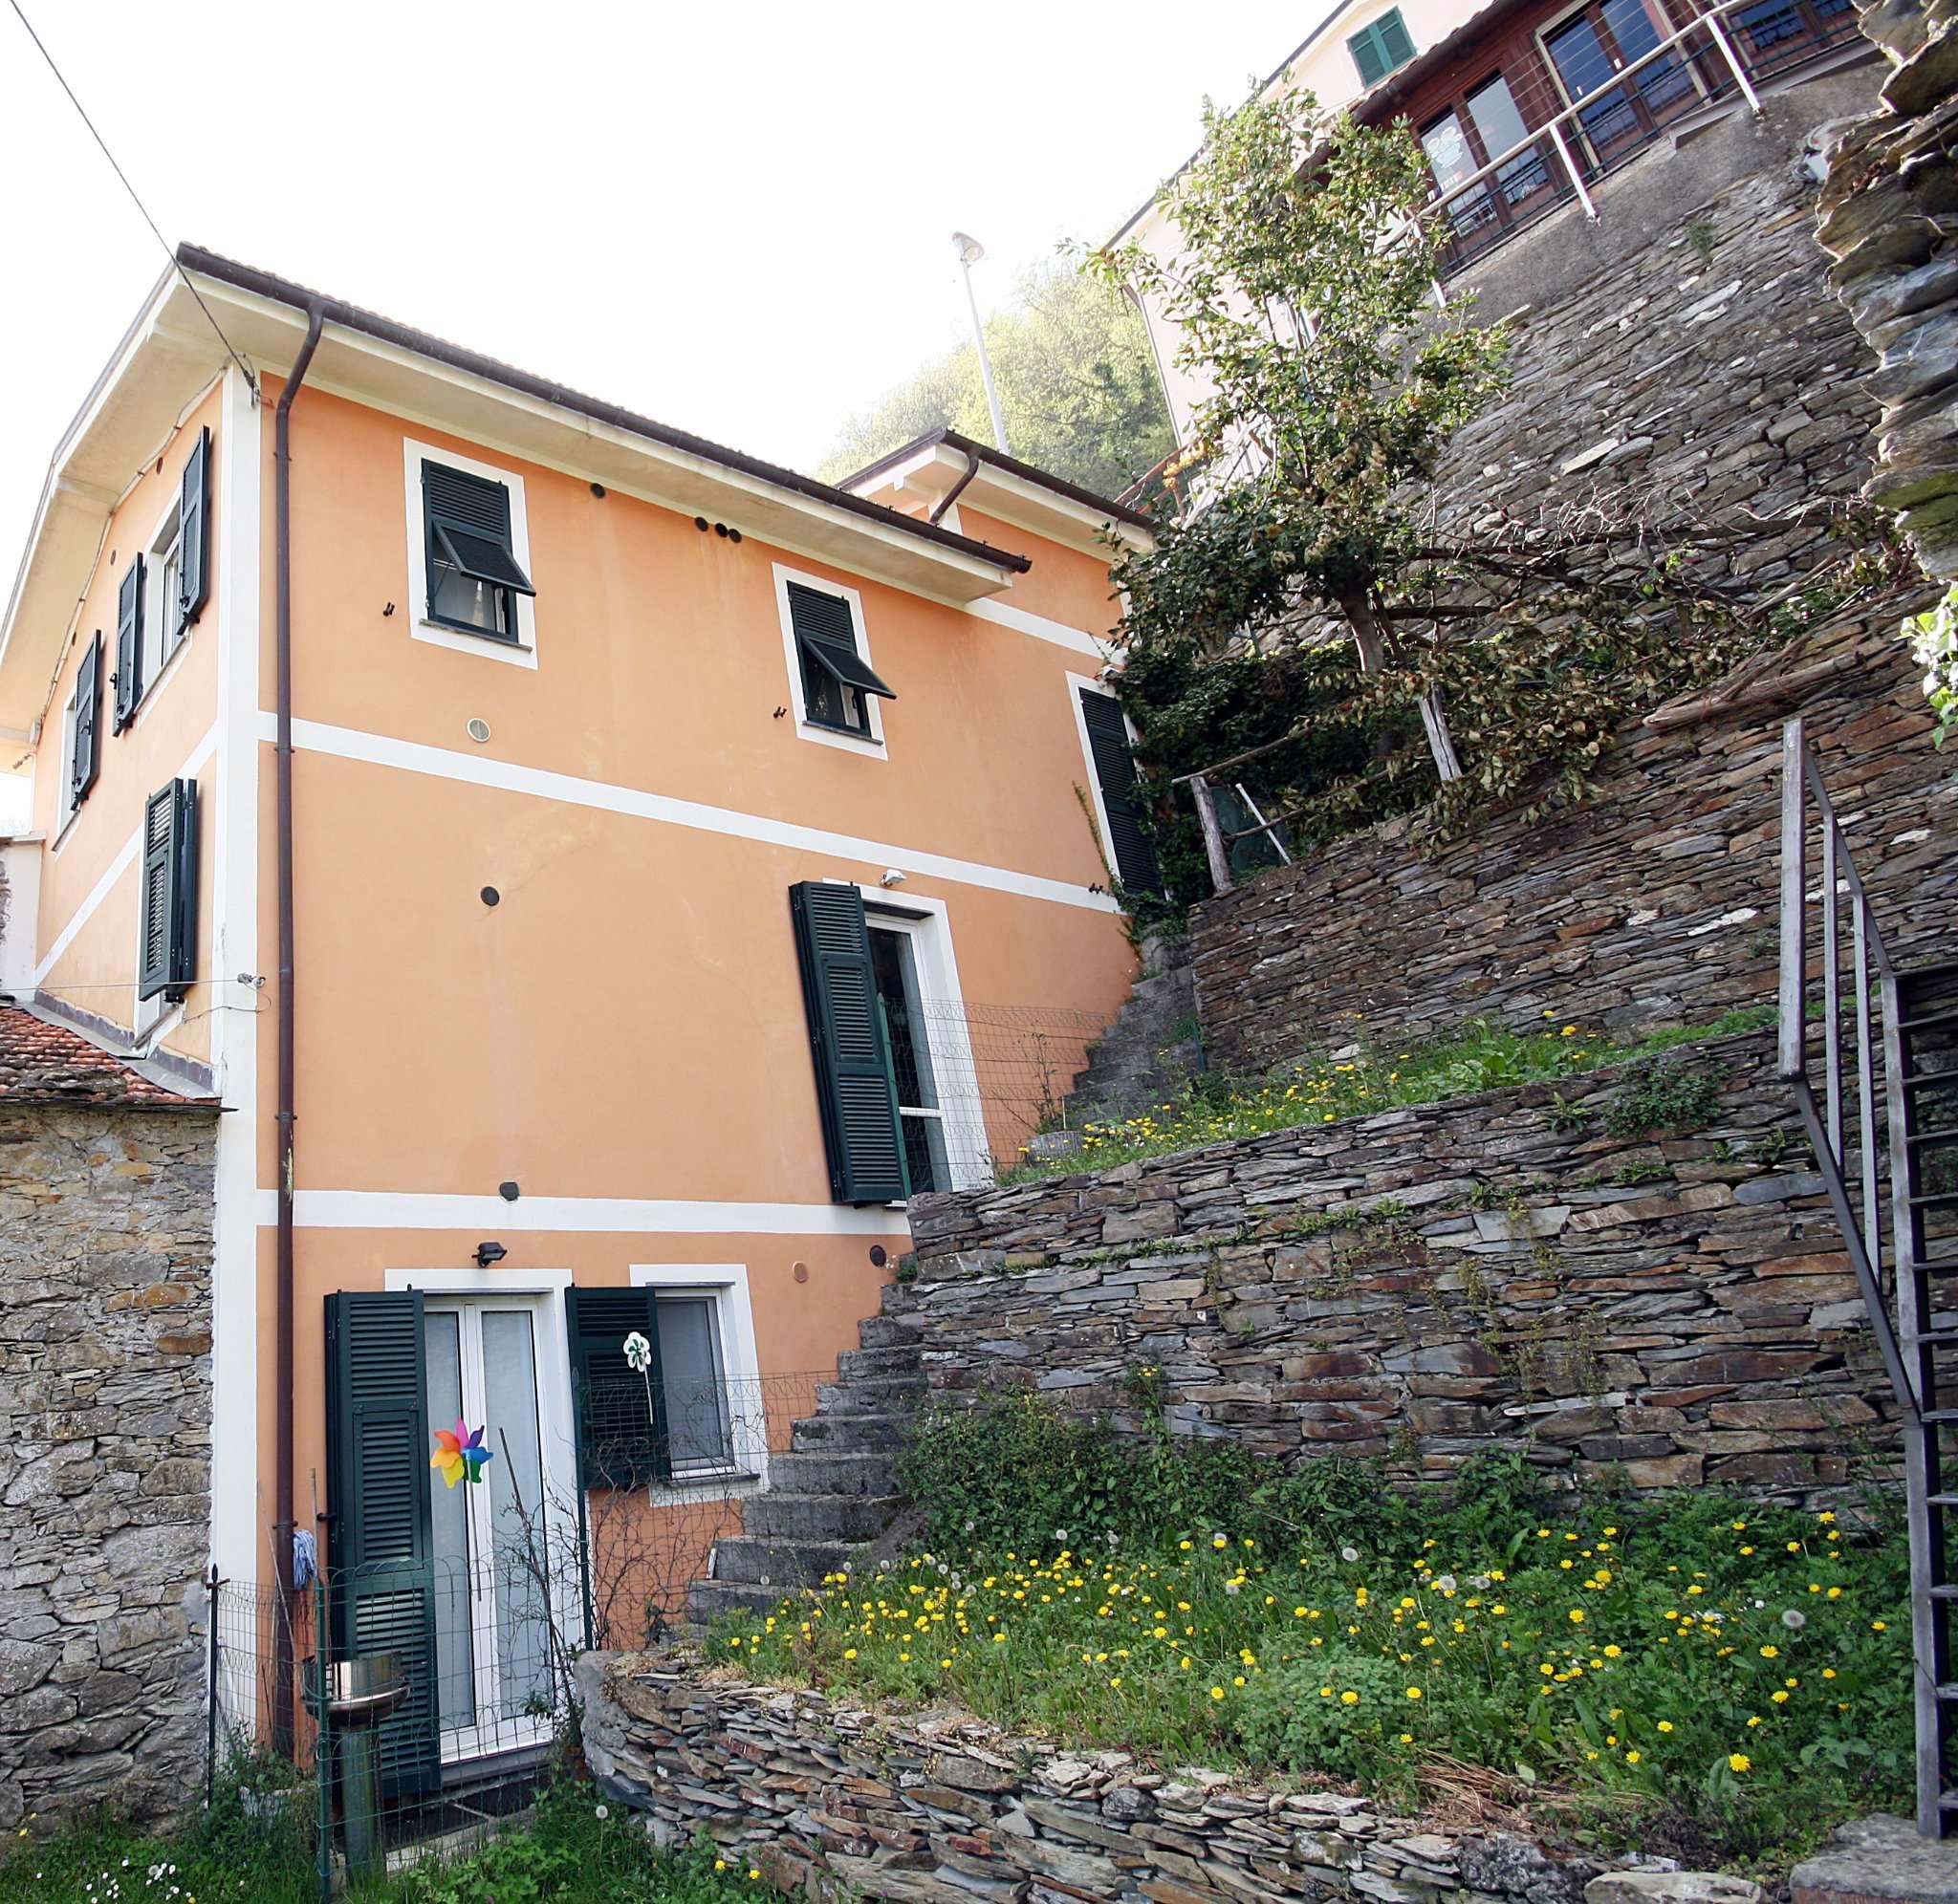 Soluzione Semindipendente in vendita a San Colombano Certenoli, 4 locali, prezzo € 118.000 | CambioCasa.it